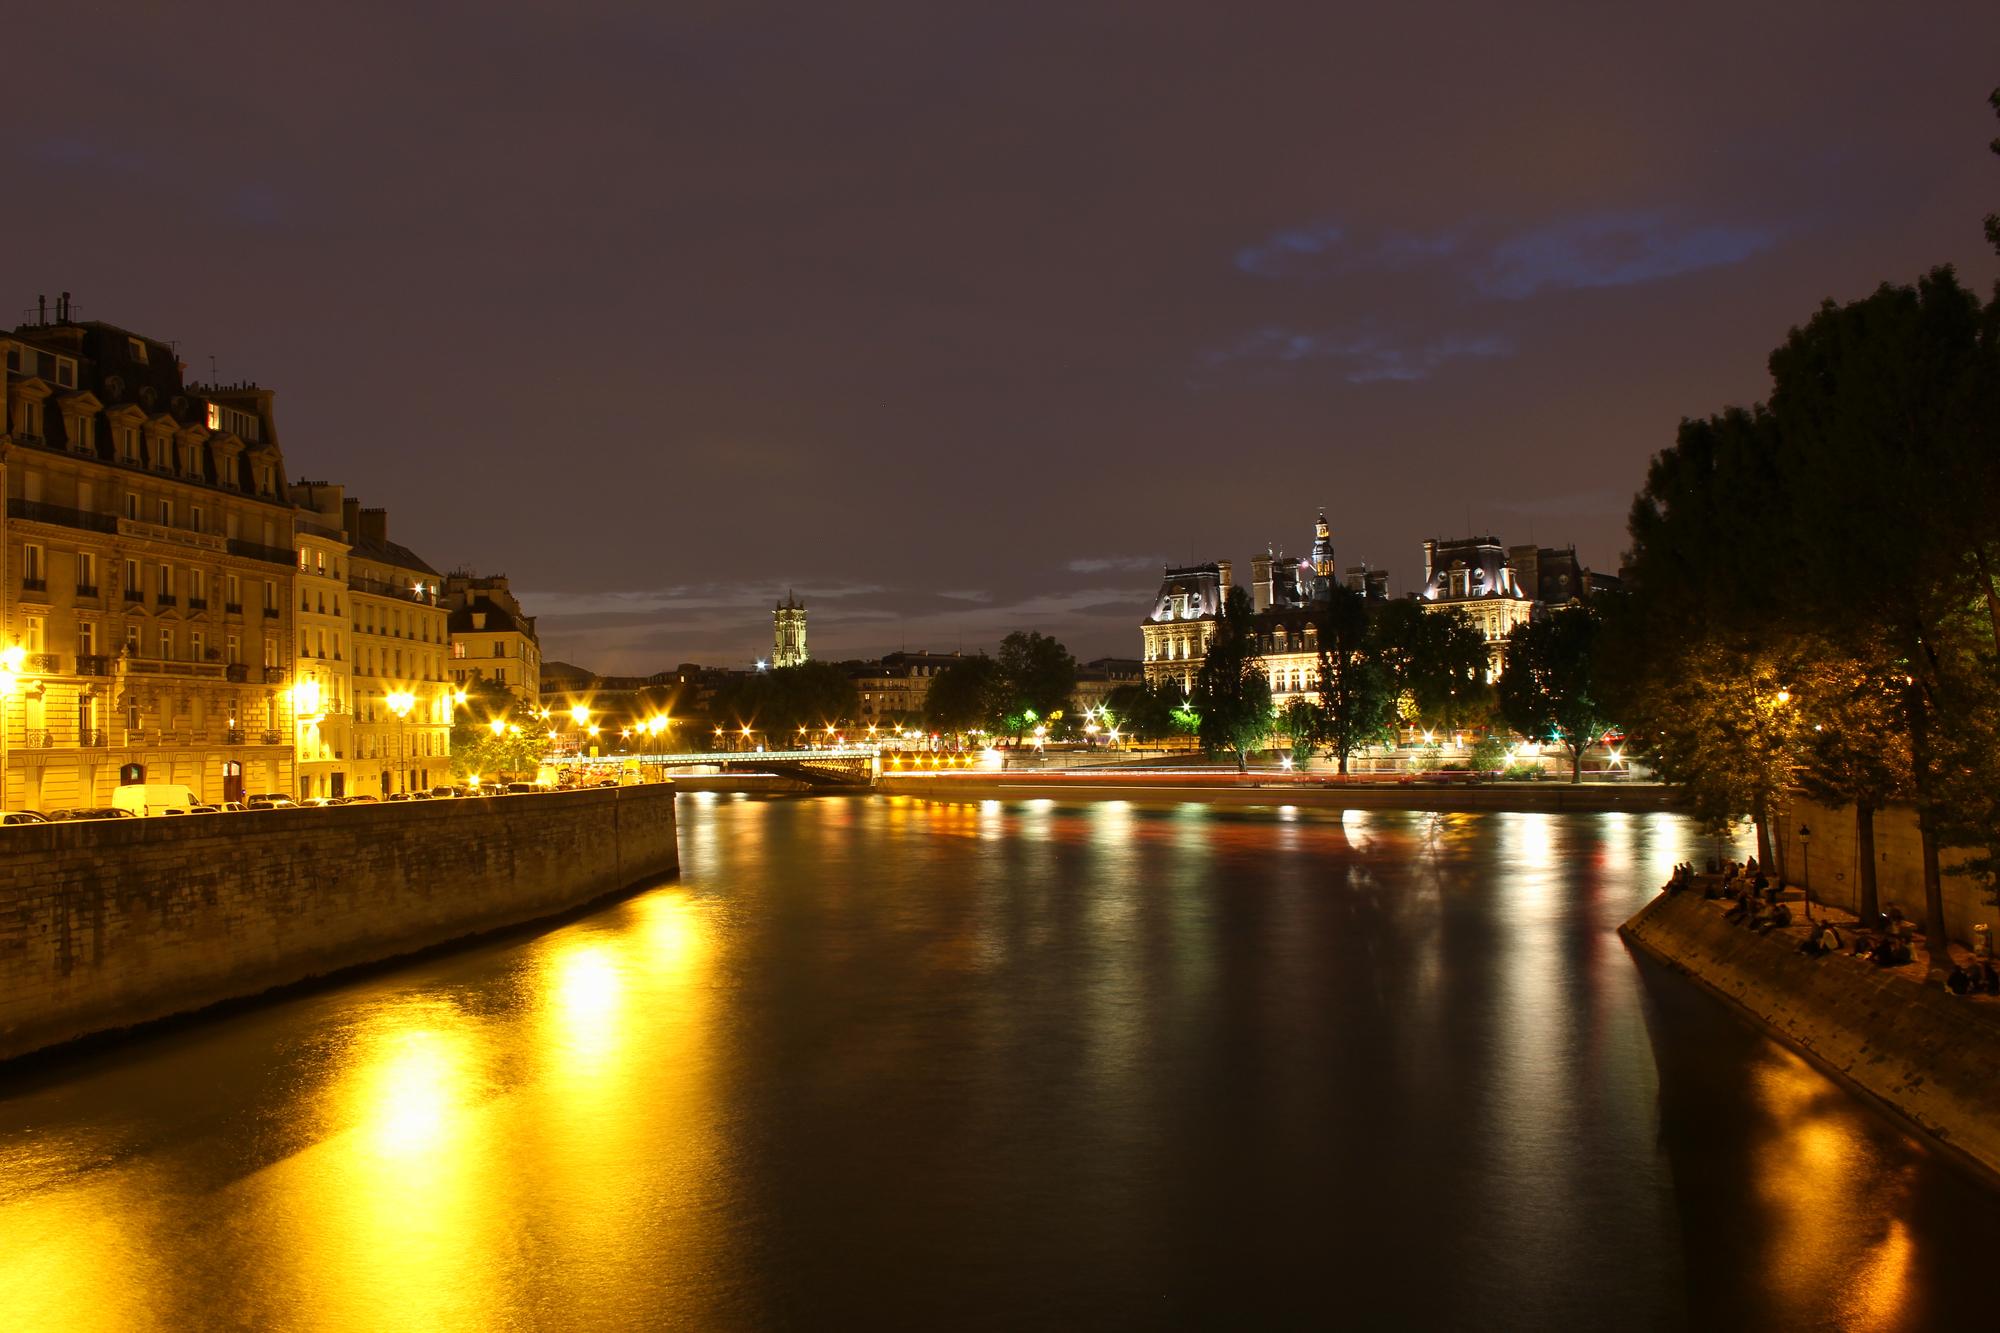 The Seine at night in Paris